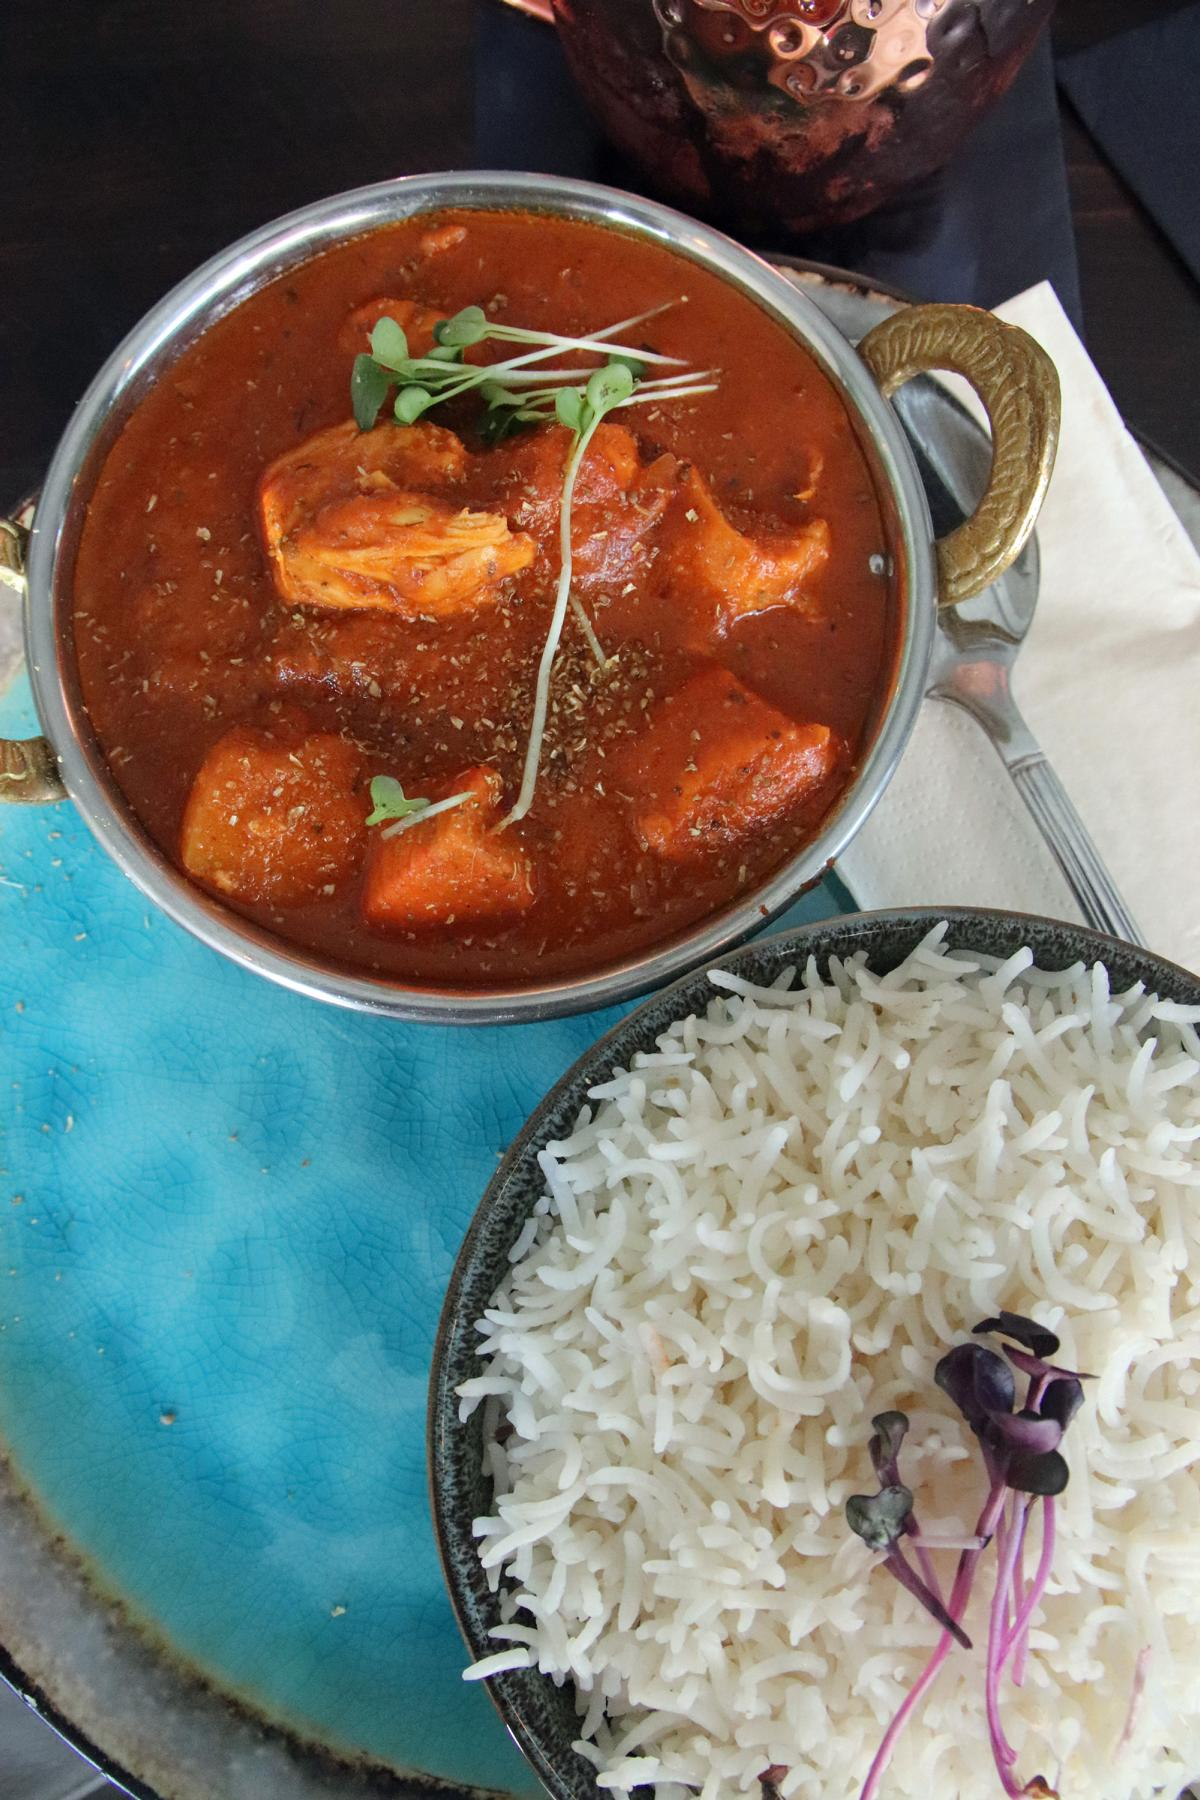 Indisches Mittagsgericht, das ist Chicken Tikka Masala mit super lockerem Reis mit Nelken und modernem Geschirr in Grau und Türkis, garniert mit Kresse. © Copyright Bettina Katscher 2019